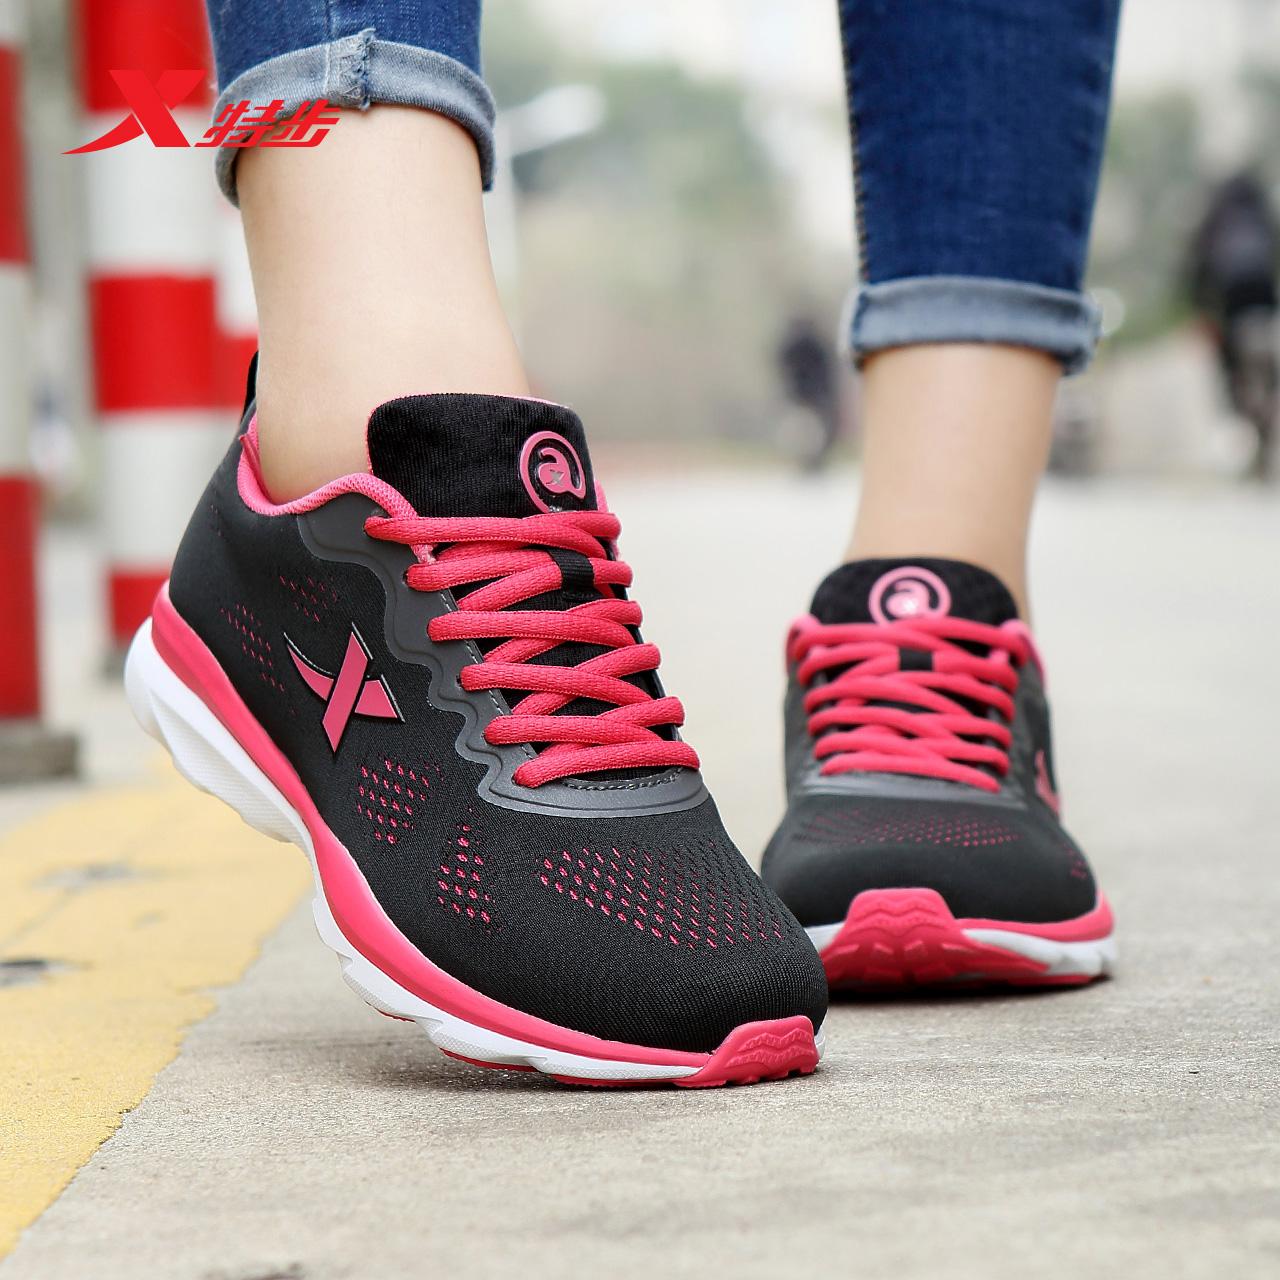 秋冬女士运动鞋推荐,达人安利的5款运动鞋种草合集|优惠券